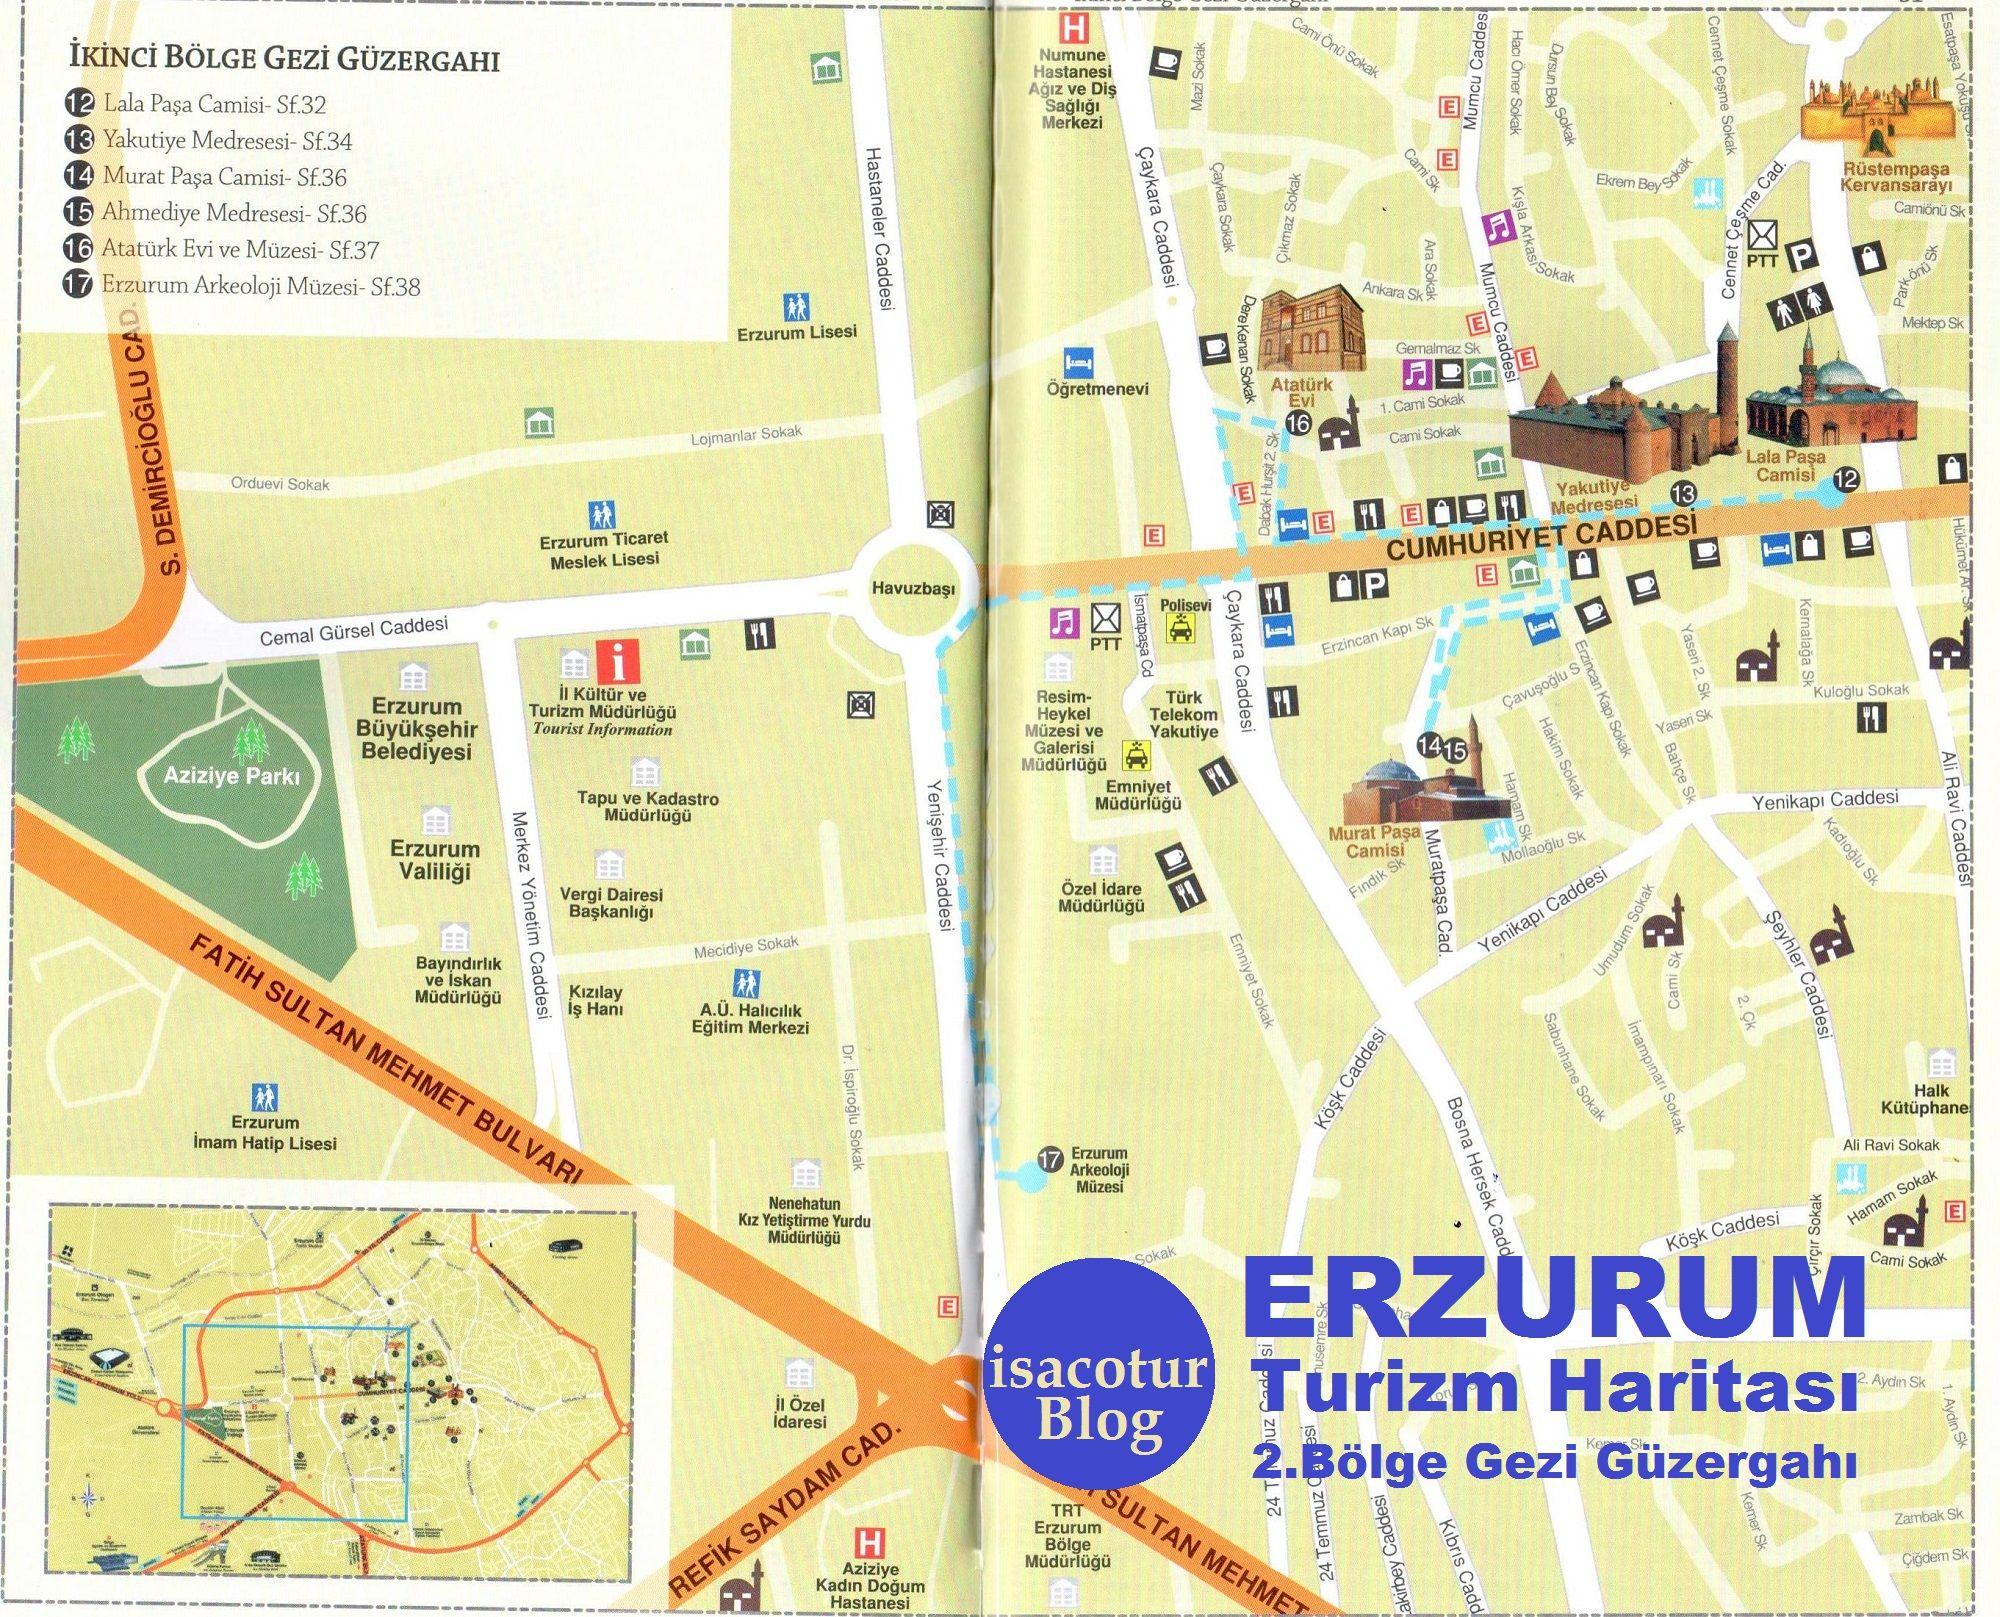 Erzurum Turizm Haritası 2.Bölge Gezi Güzergahı